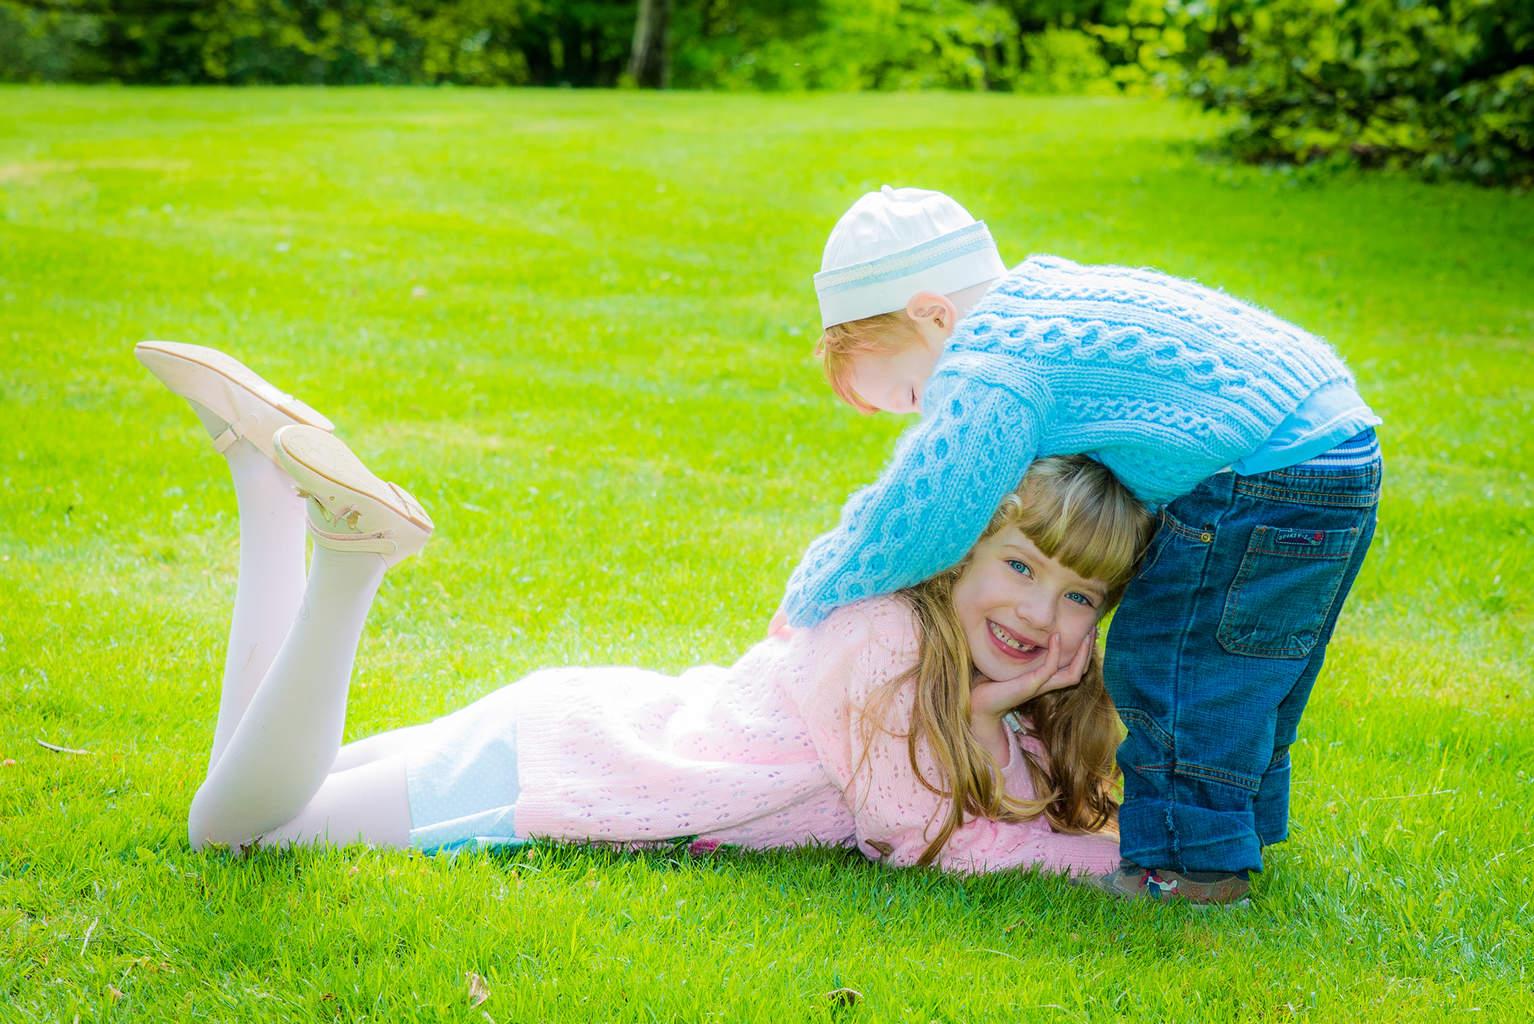 Give your sister a hug